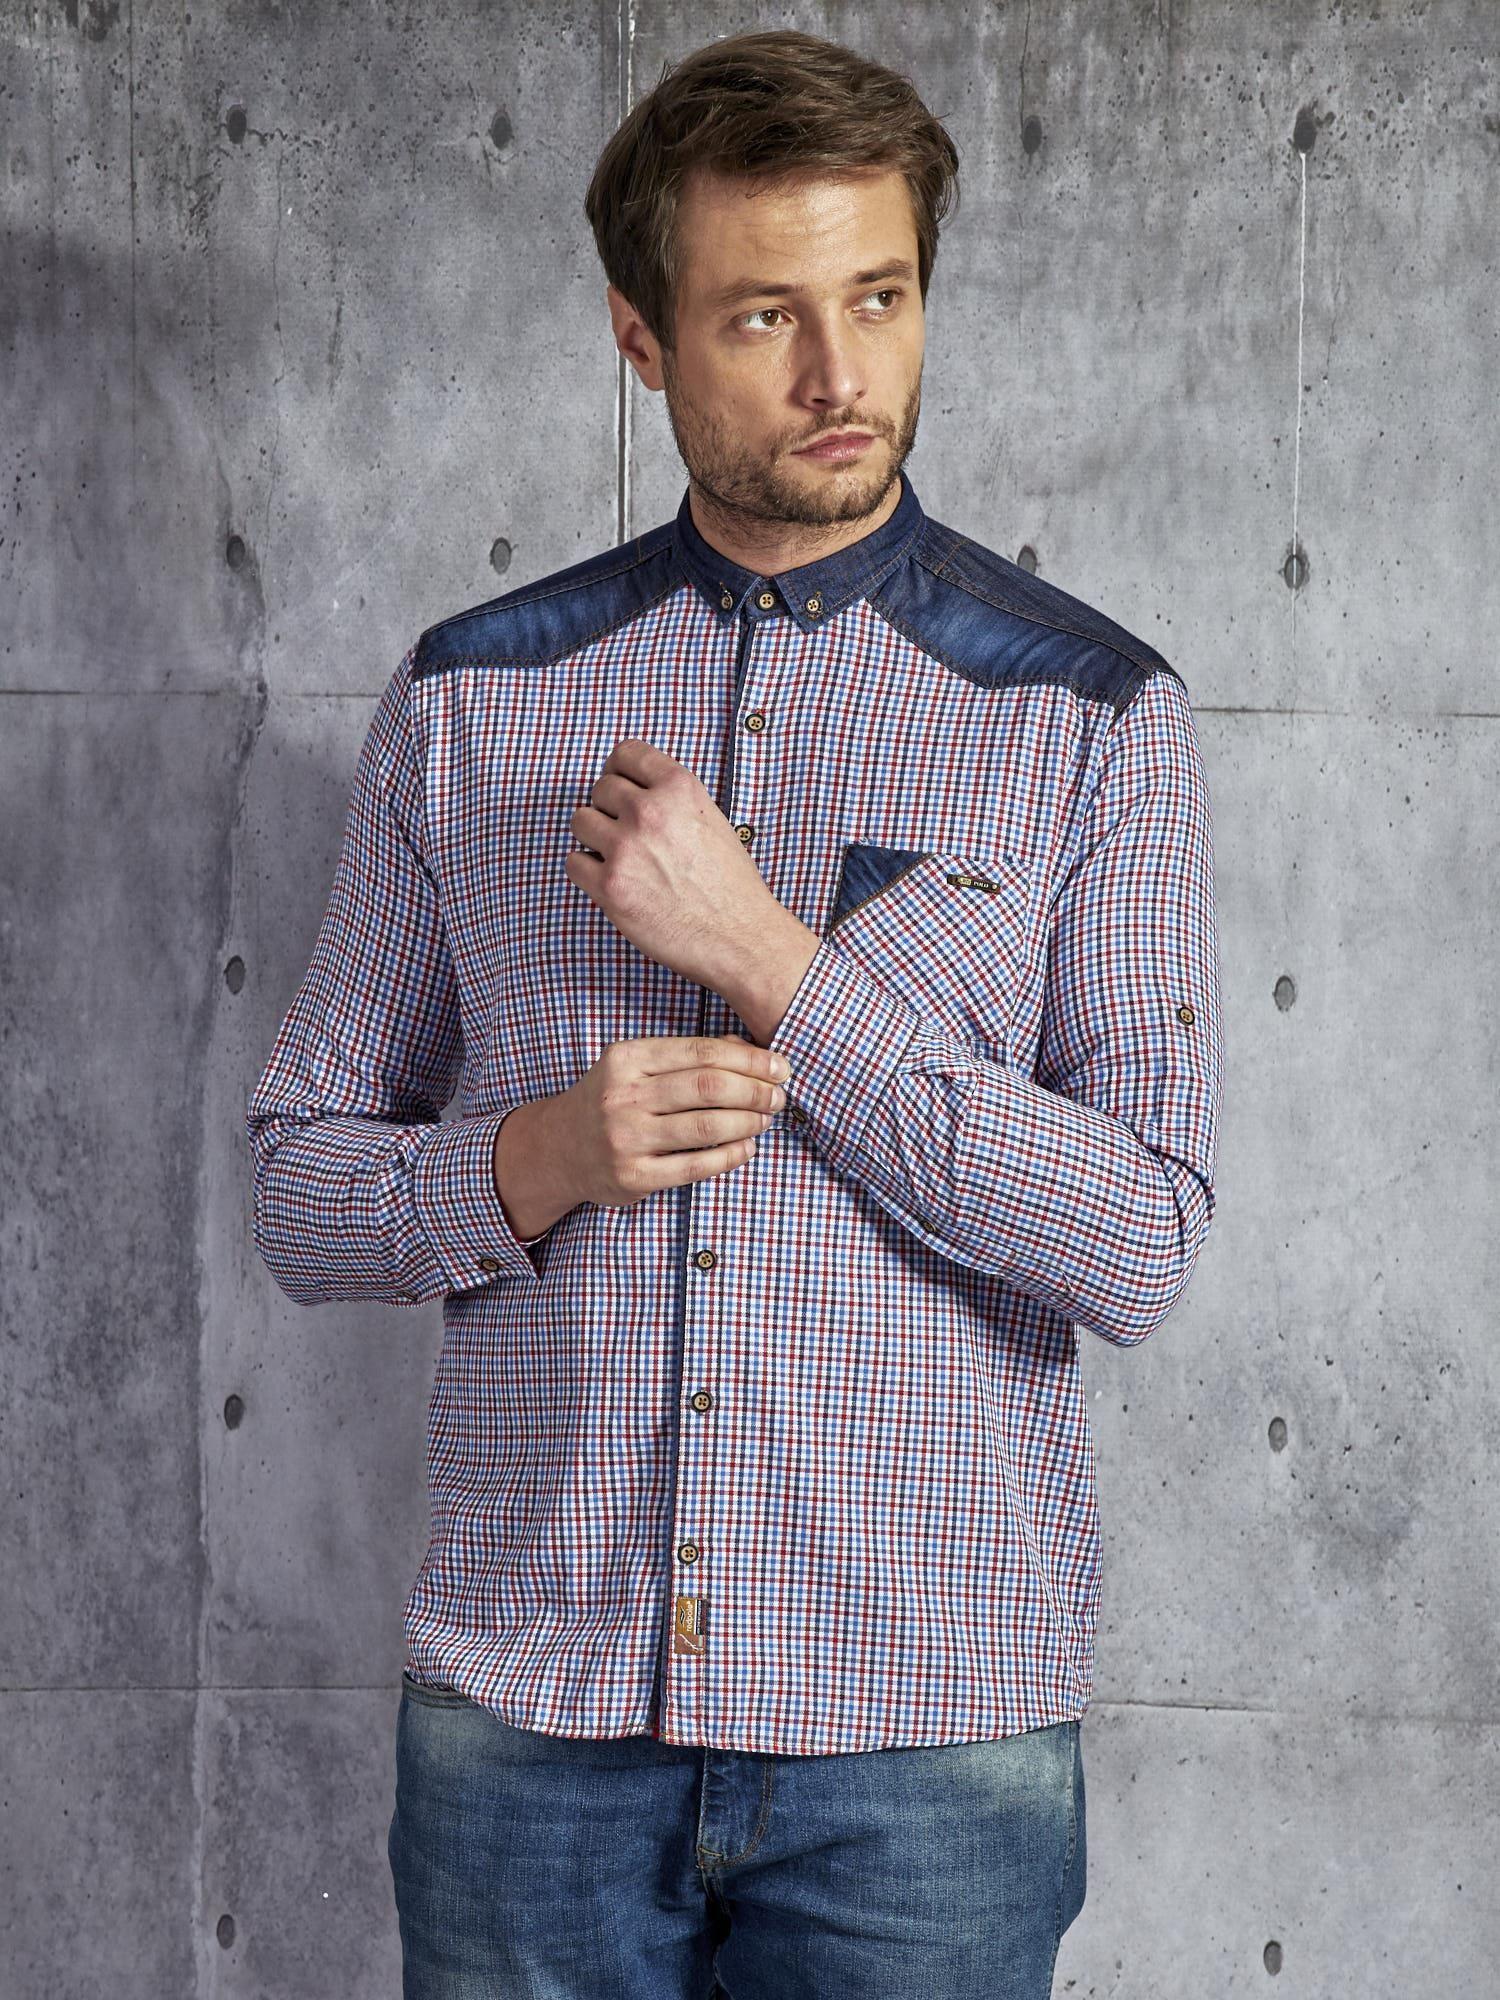 f3a541b96a775c Bawełniana koszula męska w kratkę wielokolorowa PLUS SIZE ...